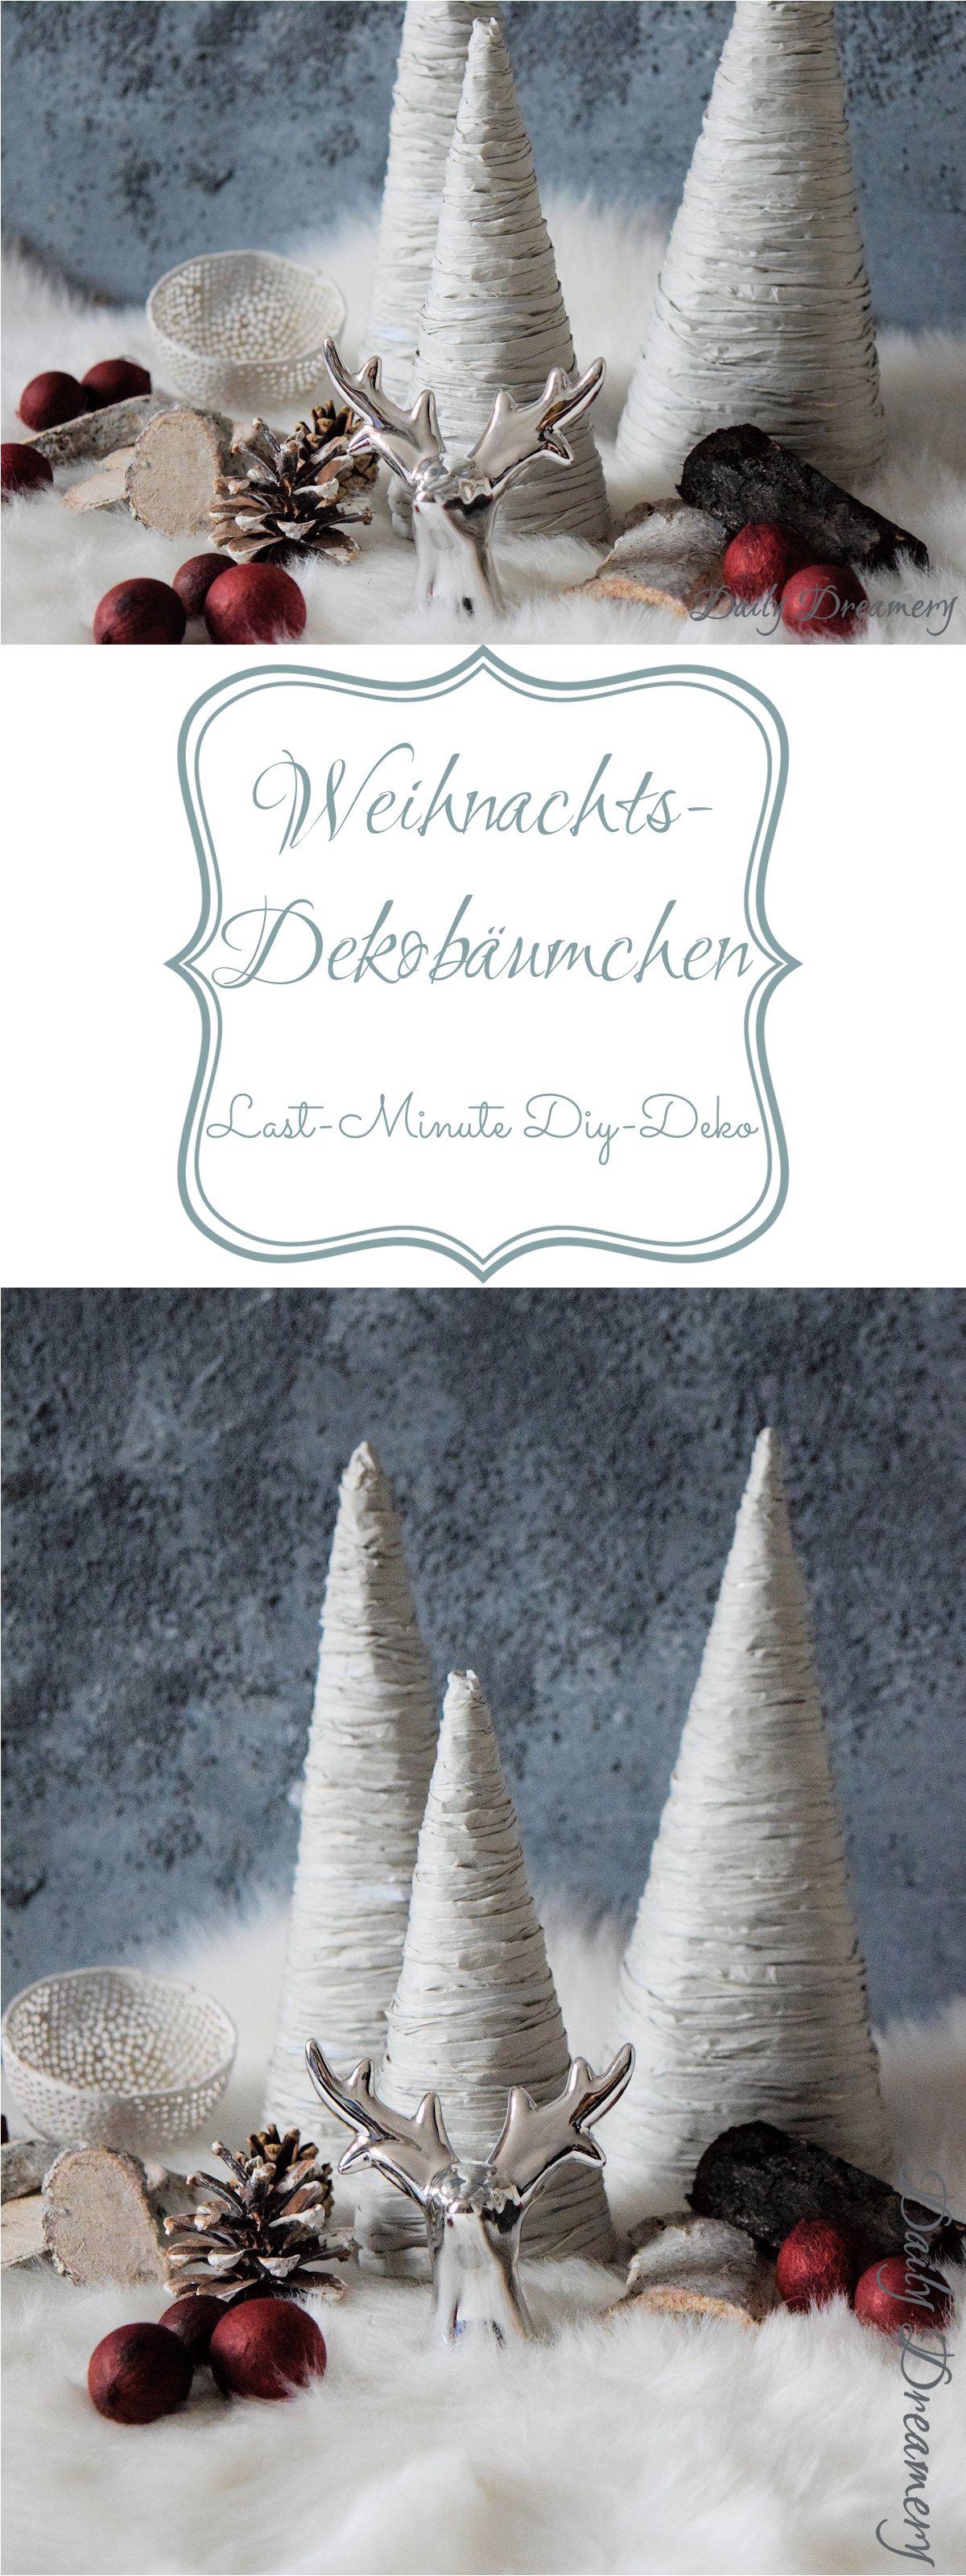 DIY Weihnachtsbäumchen - schnelle Last-Minute Deko-Idee für Weihnachten #weihnachten #weihnachtsdeko #lastminute